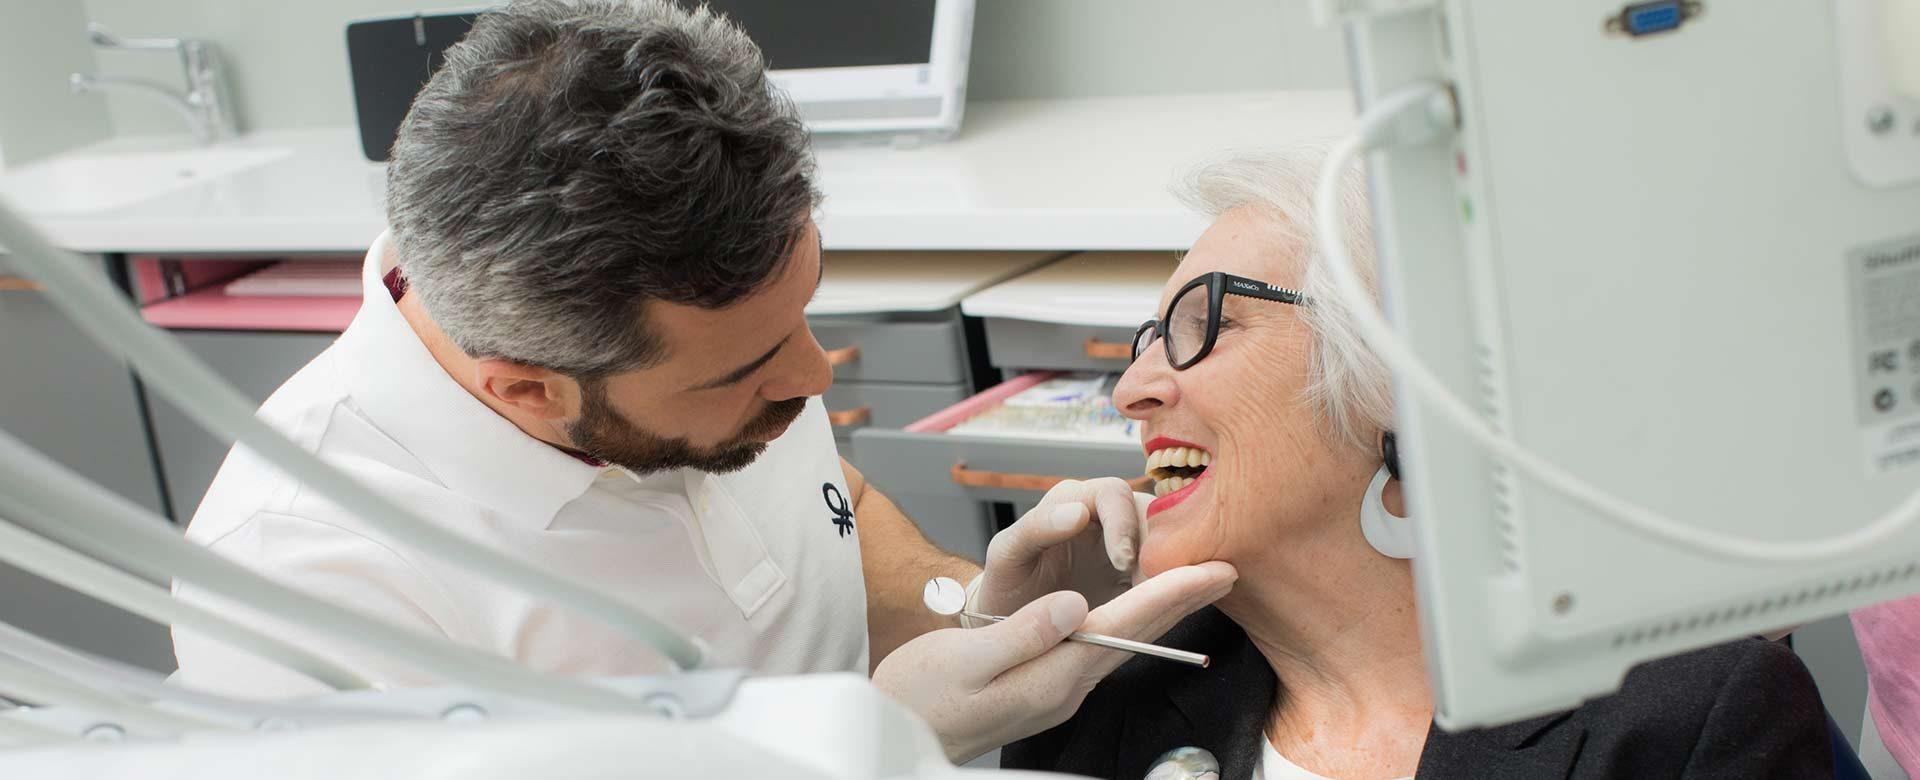 Zahnarzt Dr. Andreas Quidenus untersucht das Gebiss einer älteren Patientin im Behandlungszimmer